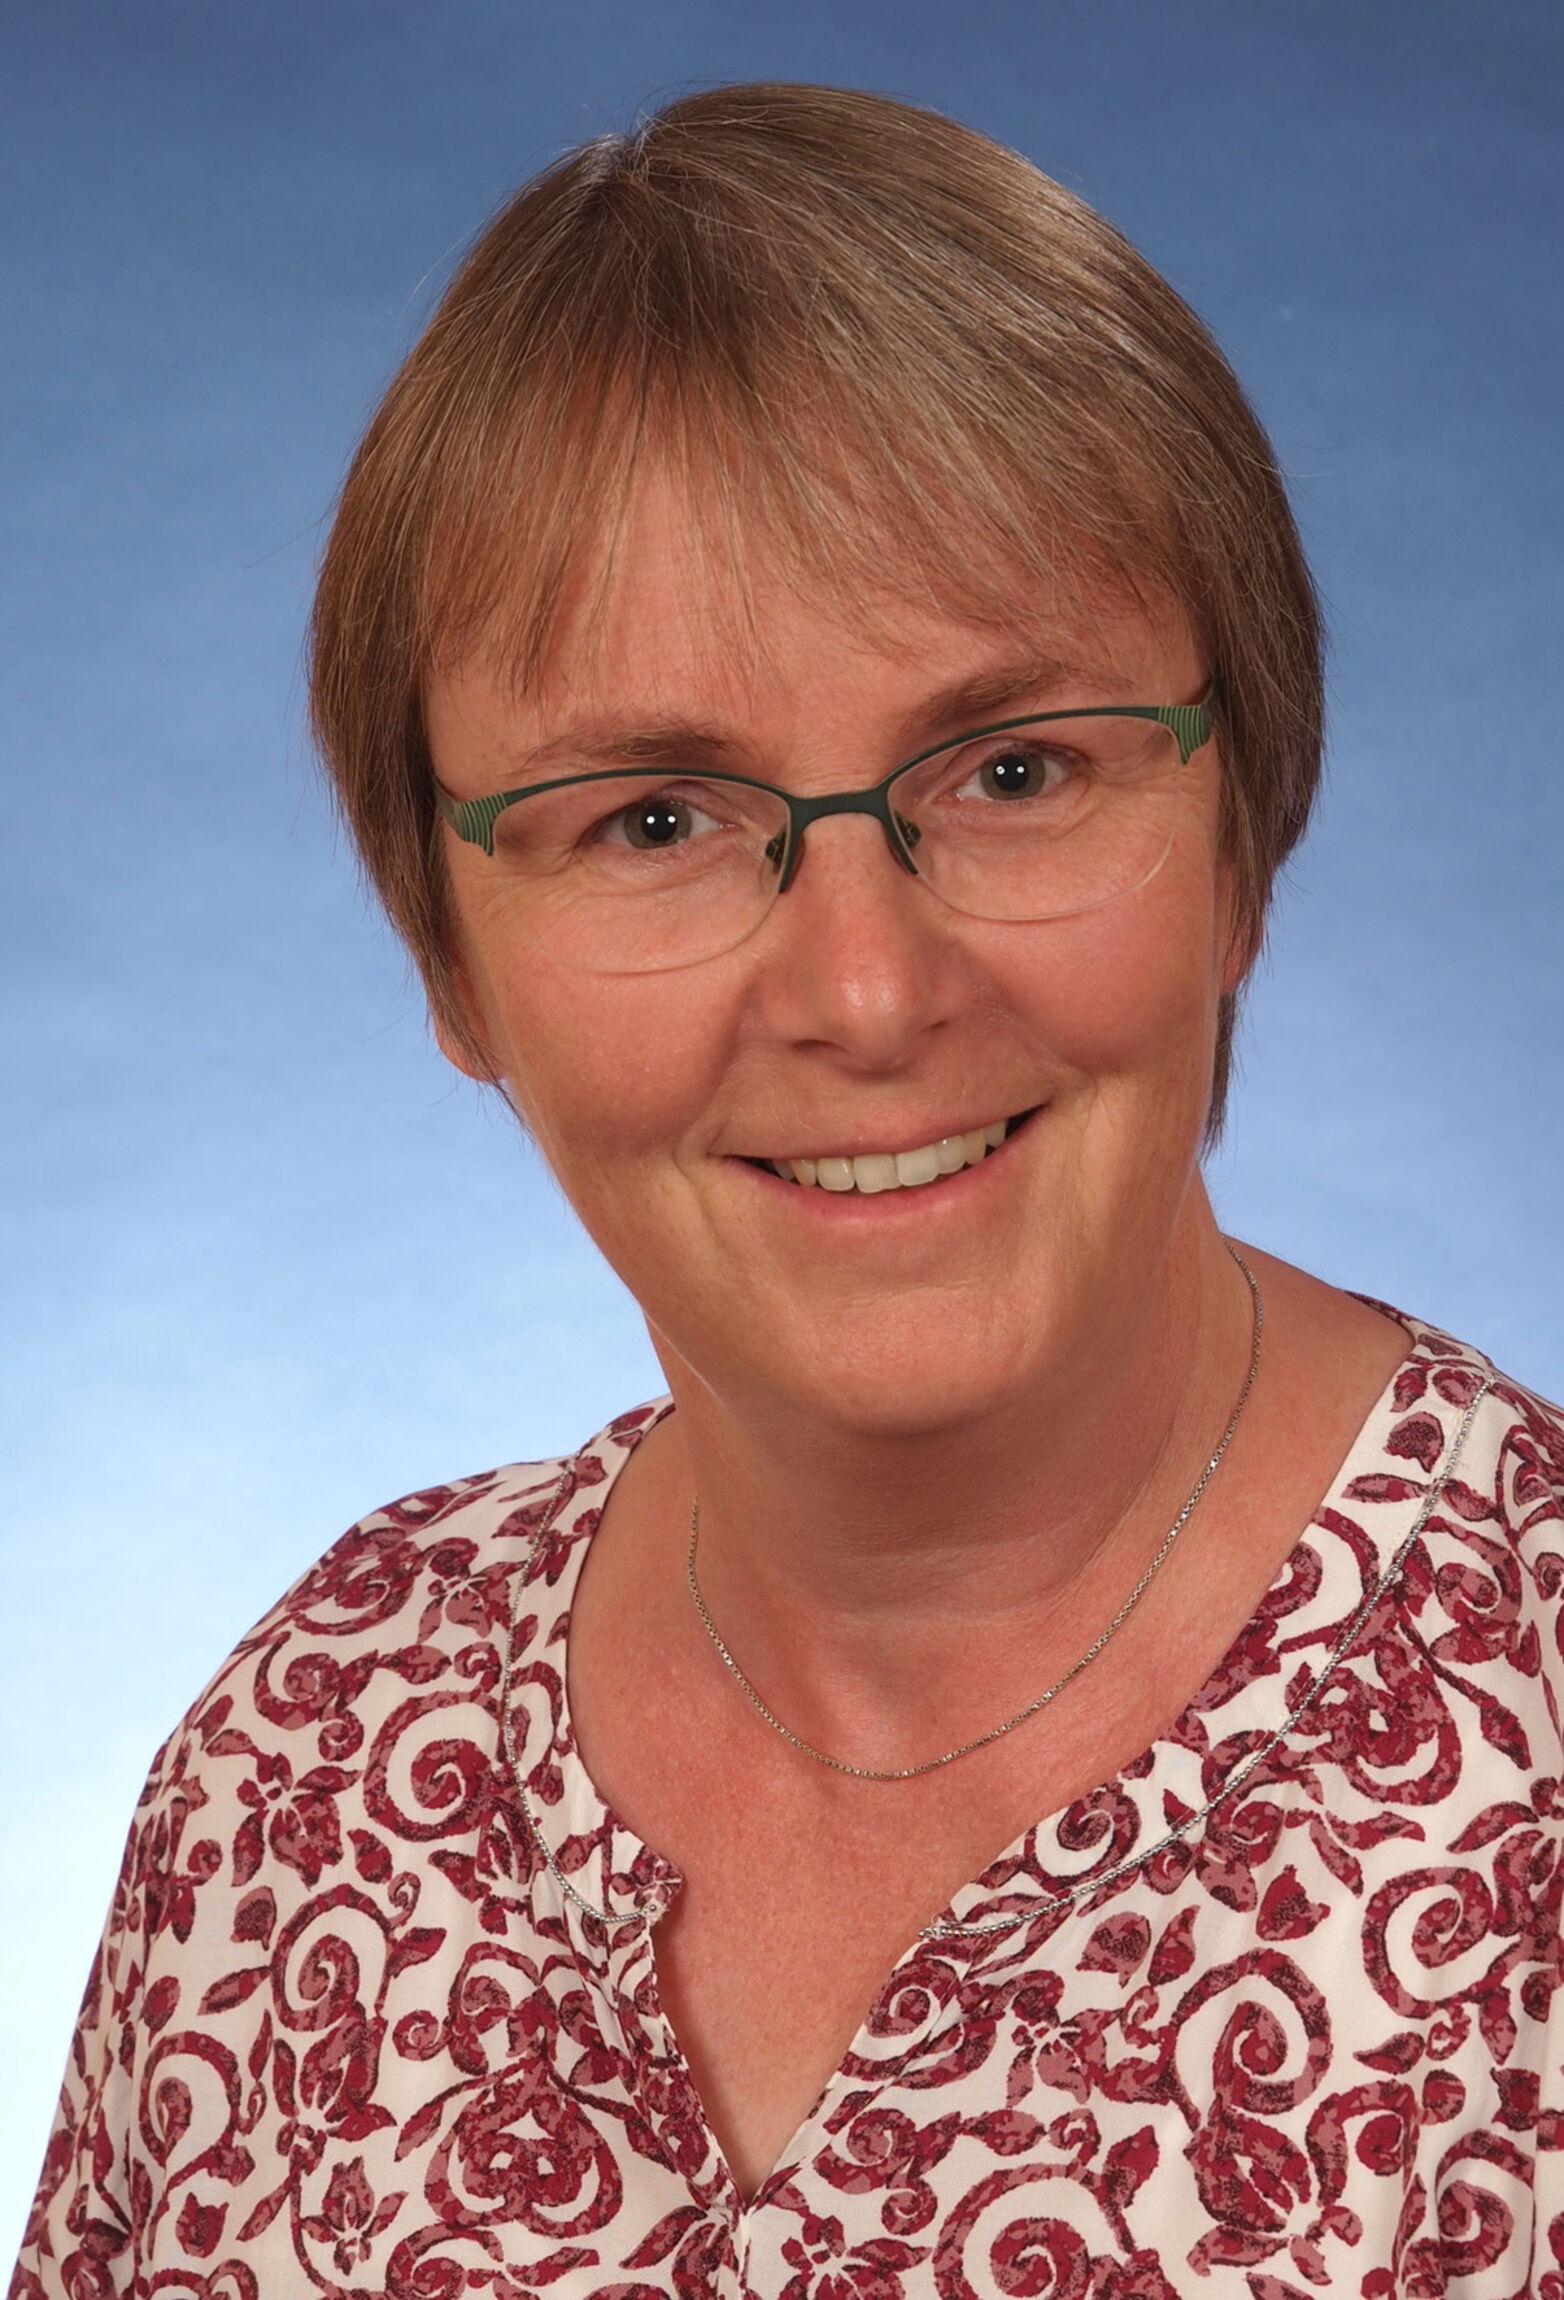 Birgit Spörl